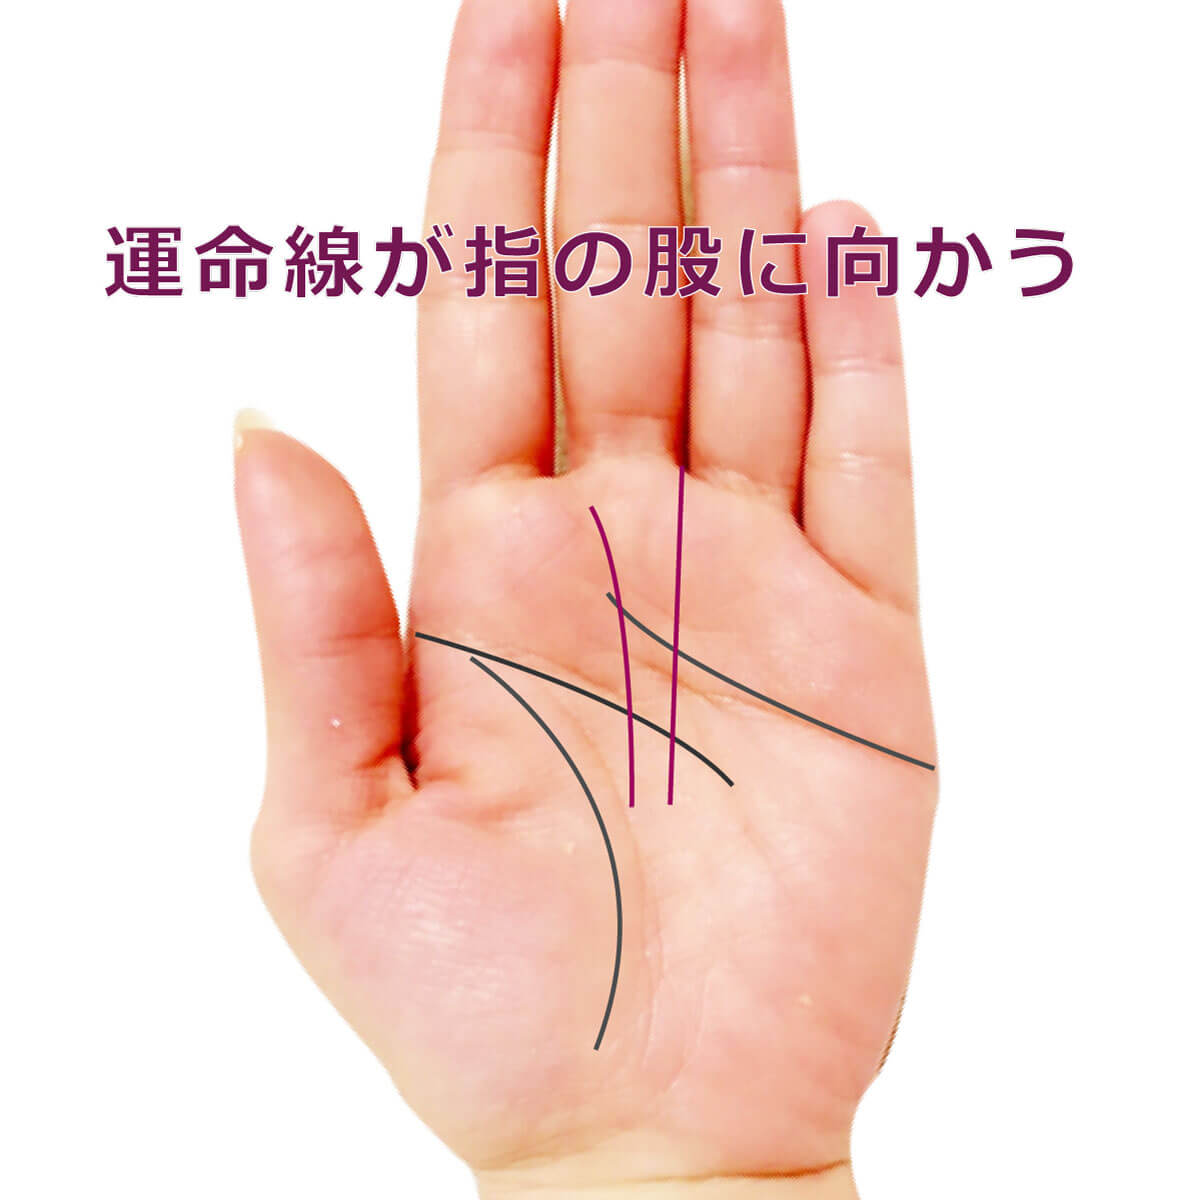 運命線が指の股・間に入り込む、向かう手相